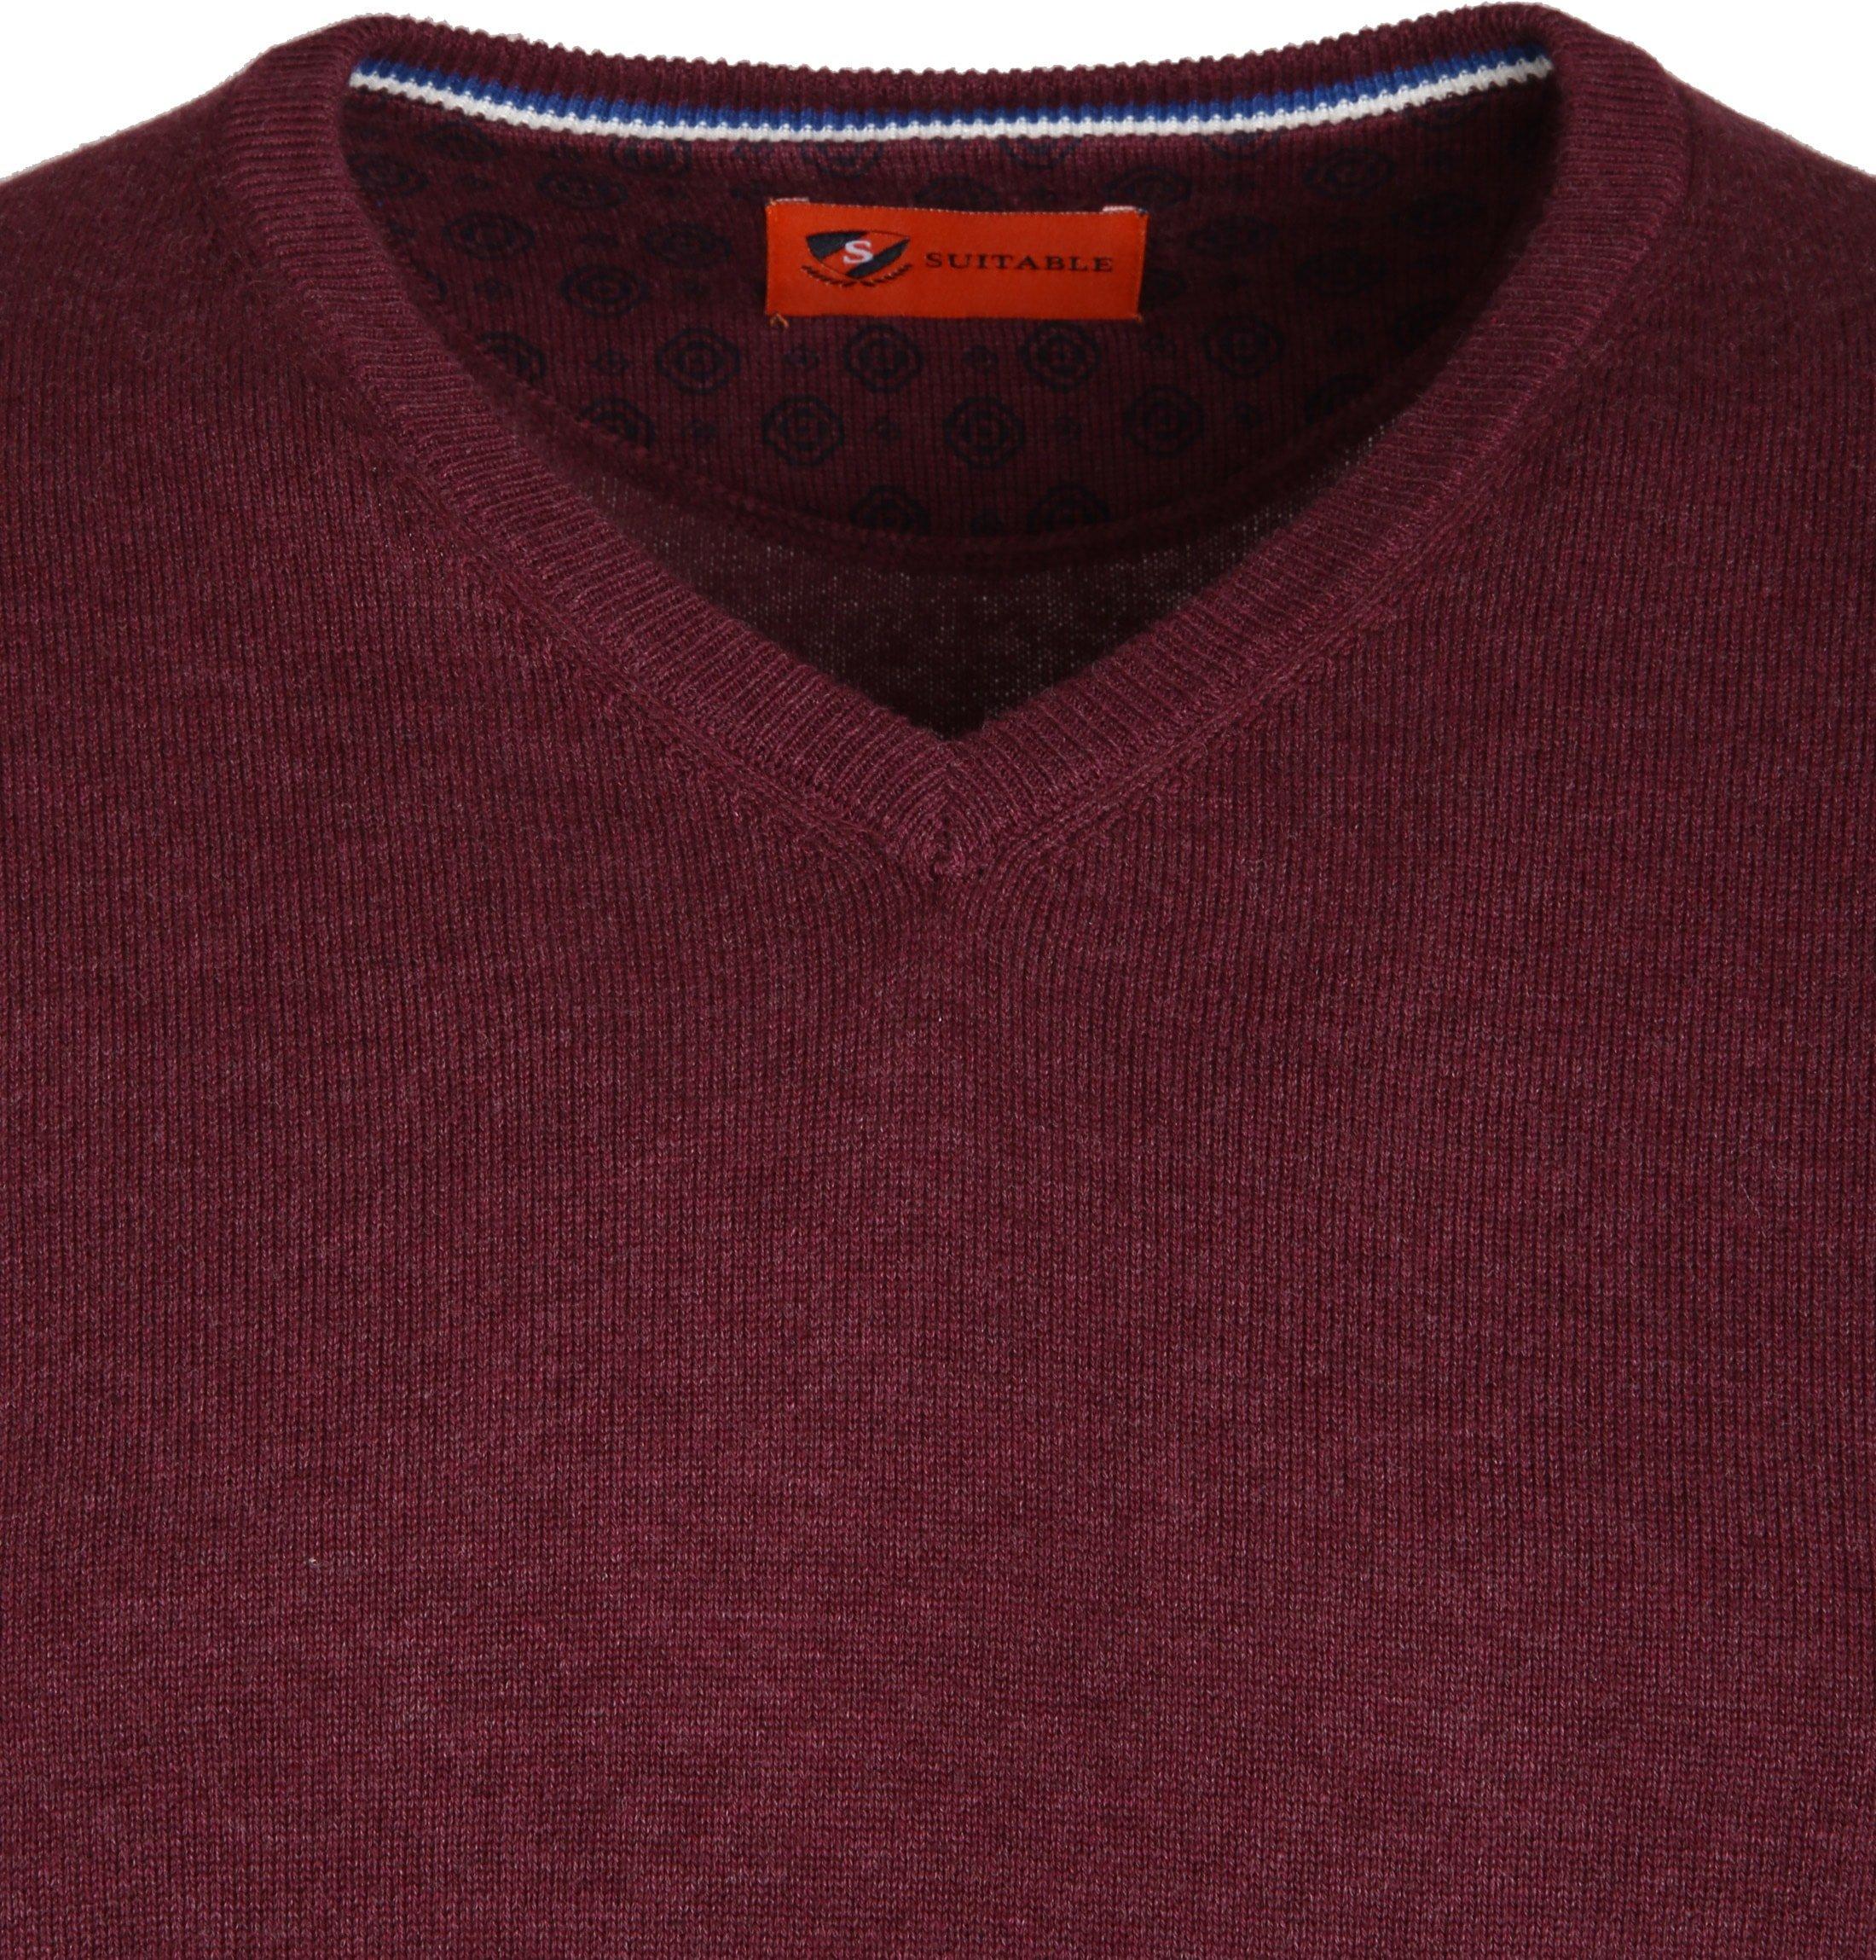 Suitable Pullover Vince Bordeaux foto 1